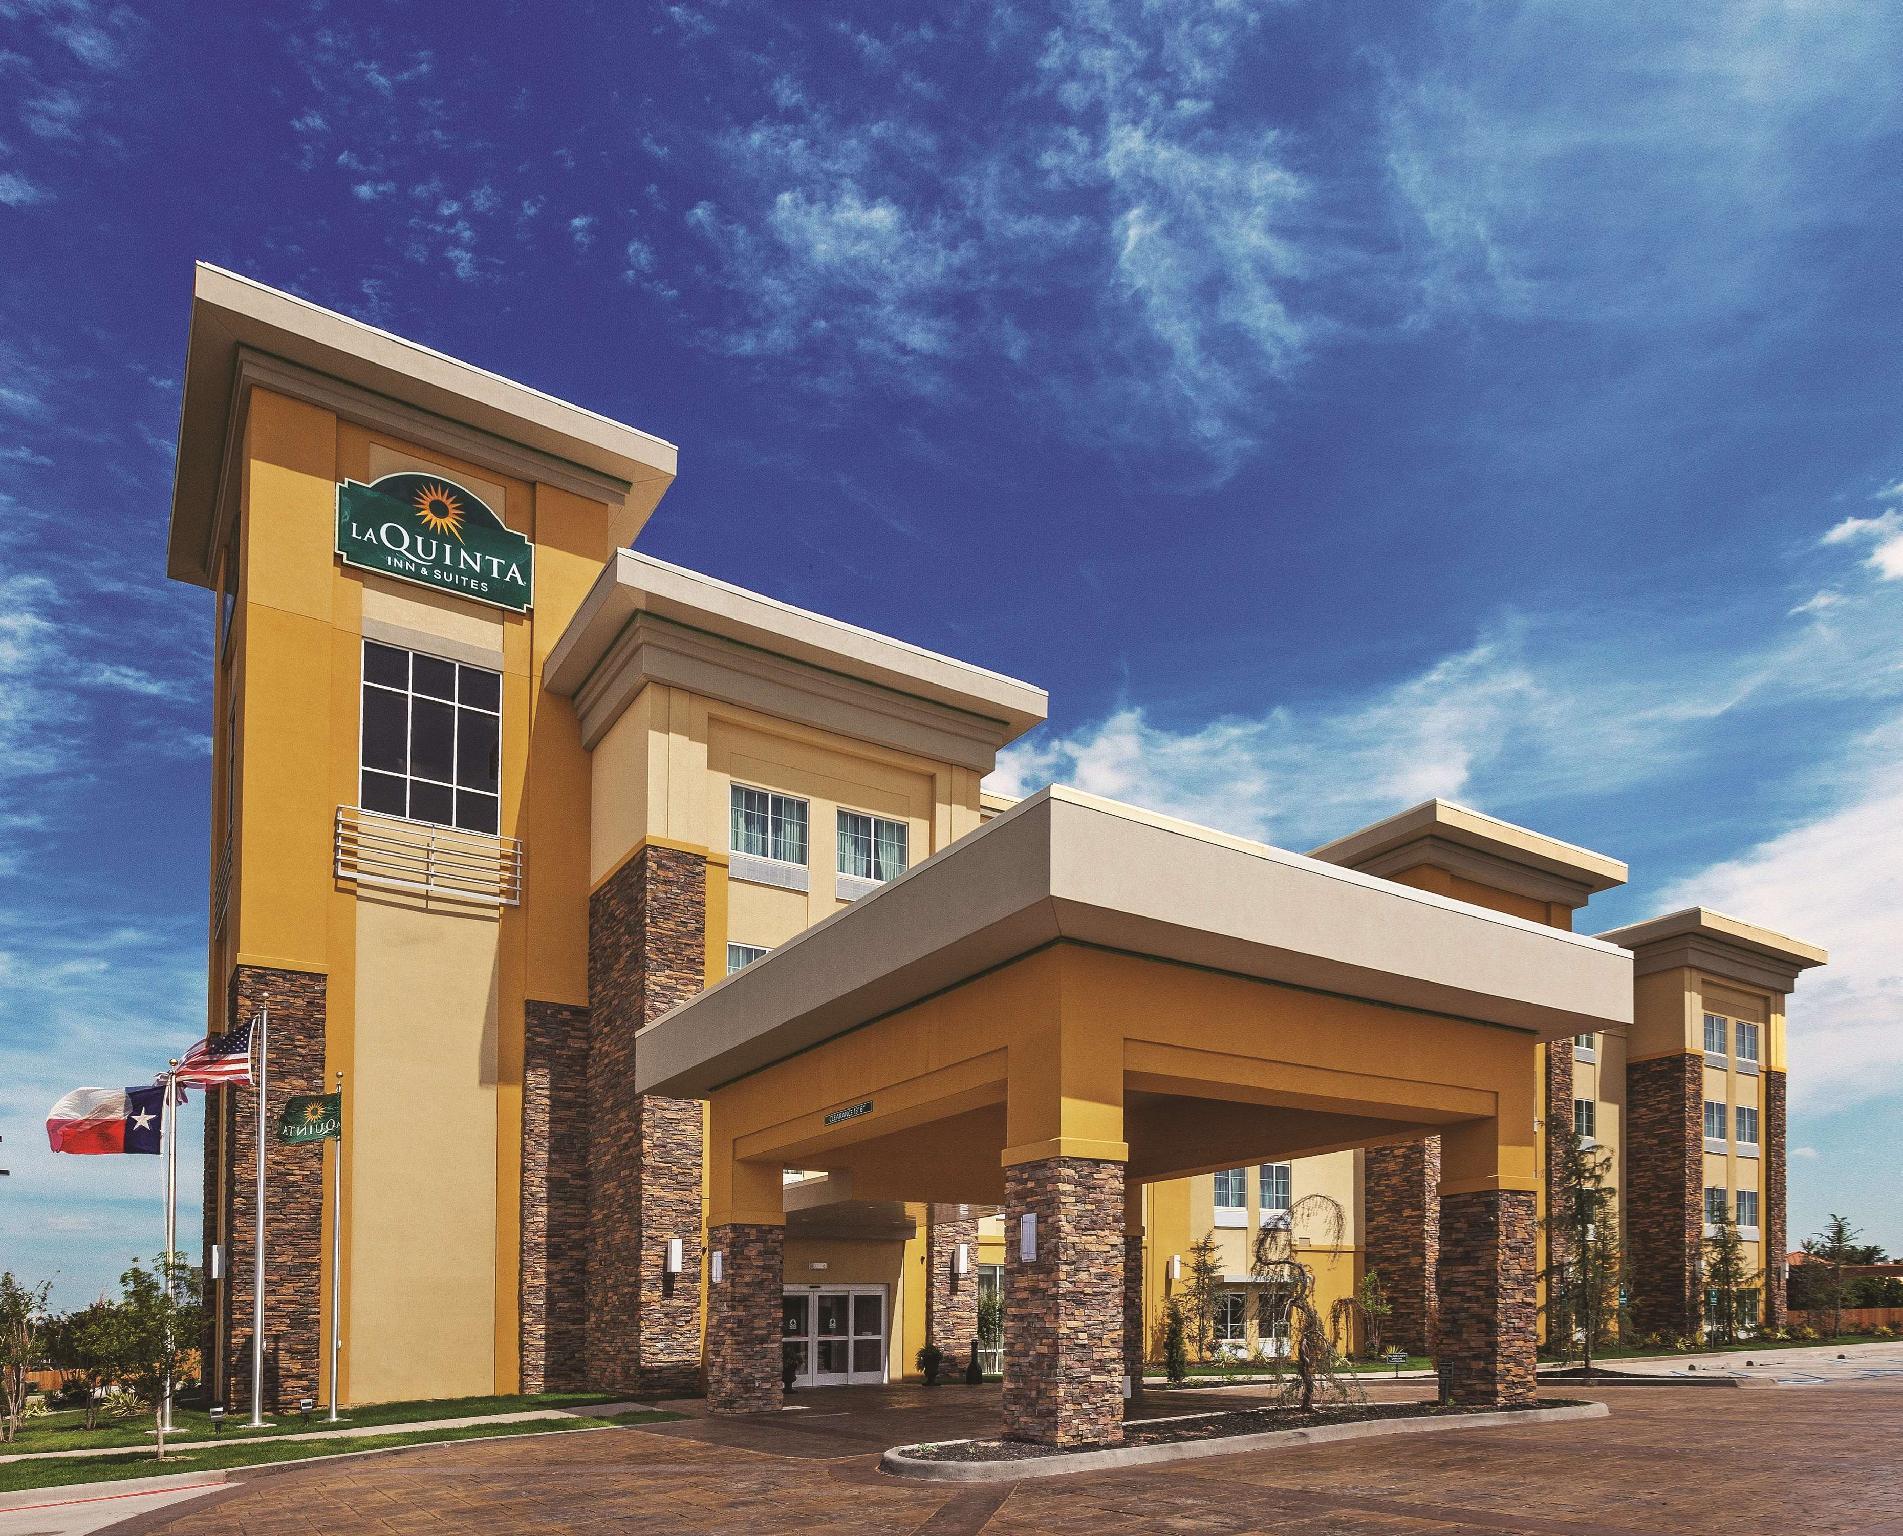 La Quinta Inn And Suites By Wyndham Wichita Falls   MSU Area